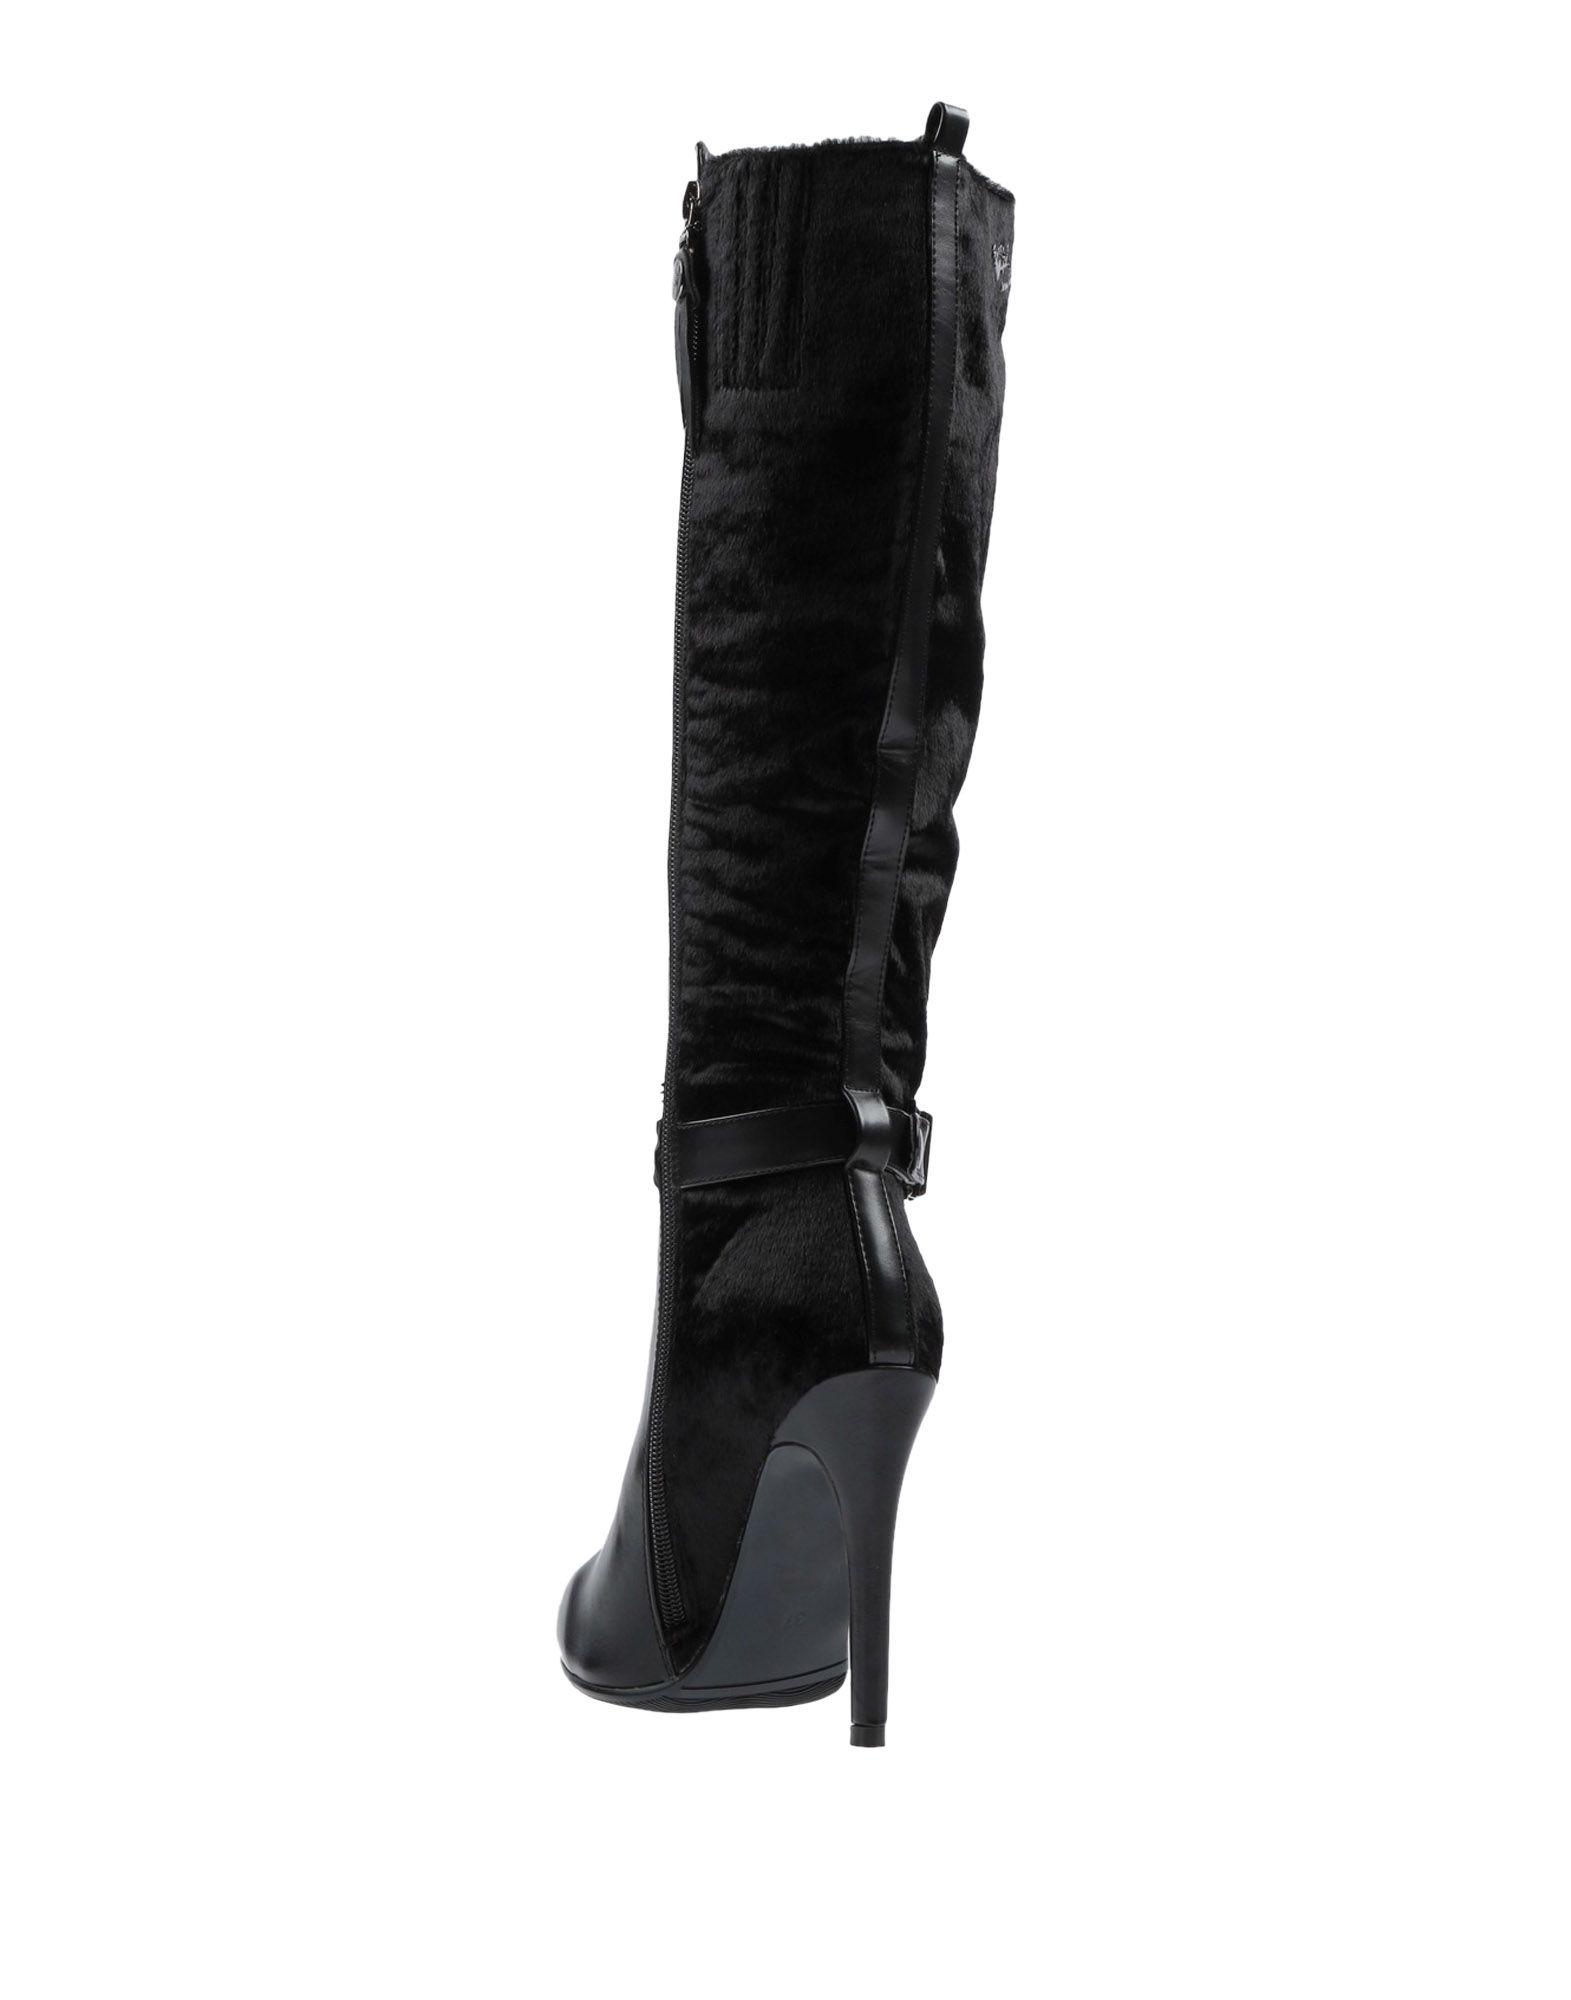 Tua Tua Tua By Braccialini Stiefel Damen  11538488CG Gute Qualität beliebte Schuhe b2cc34